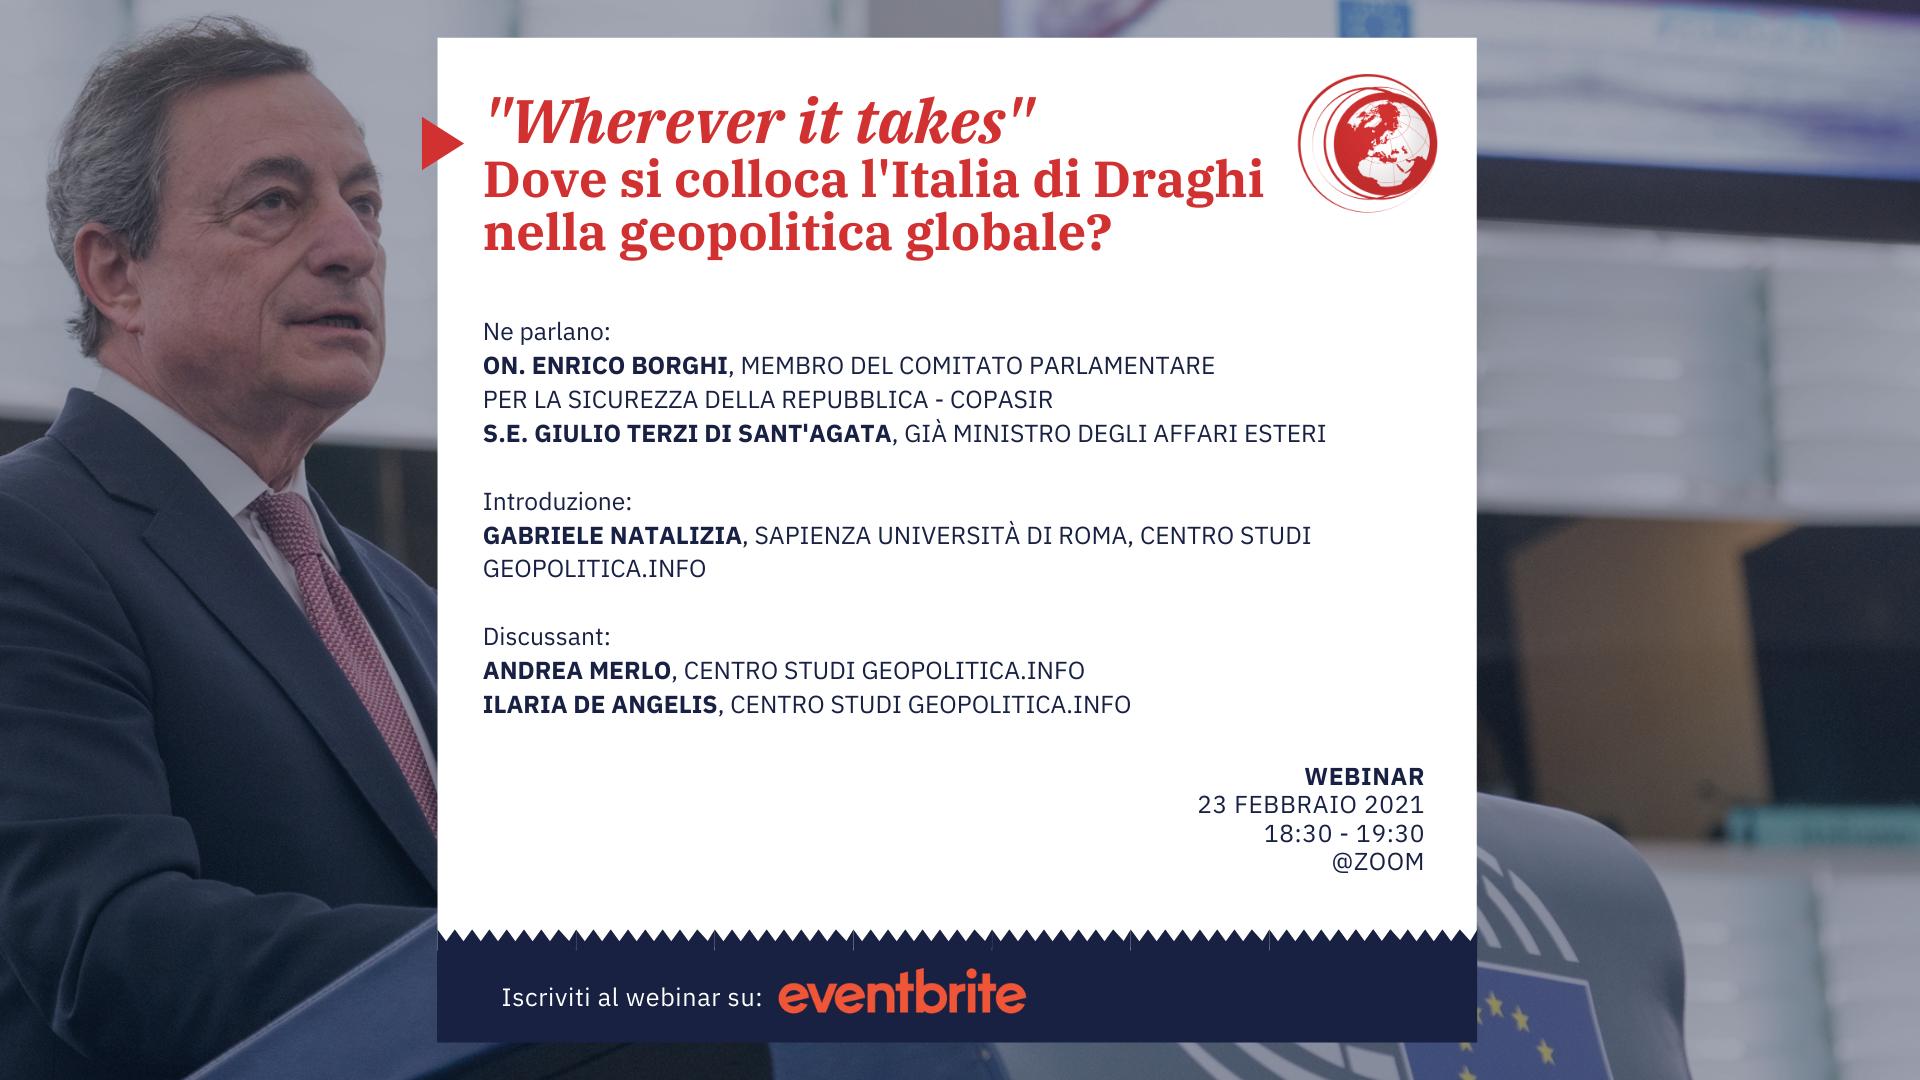 """""""Wherever it takes"""". Dove si colloca l'Italia di Draghi nella geopolitica globale? – 23 febbraio 2021, ore 18.30 – 19.30 – Webinar @zoom - Geopolitica.info"""